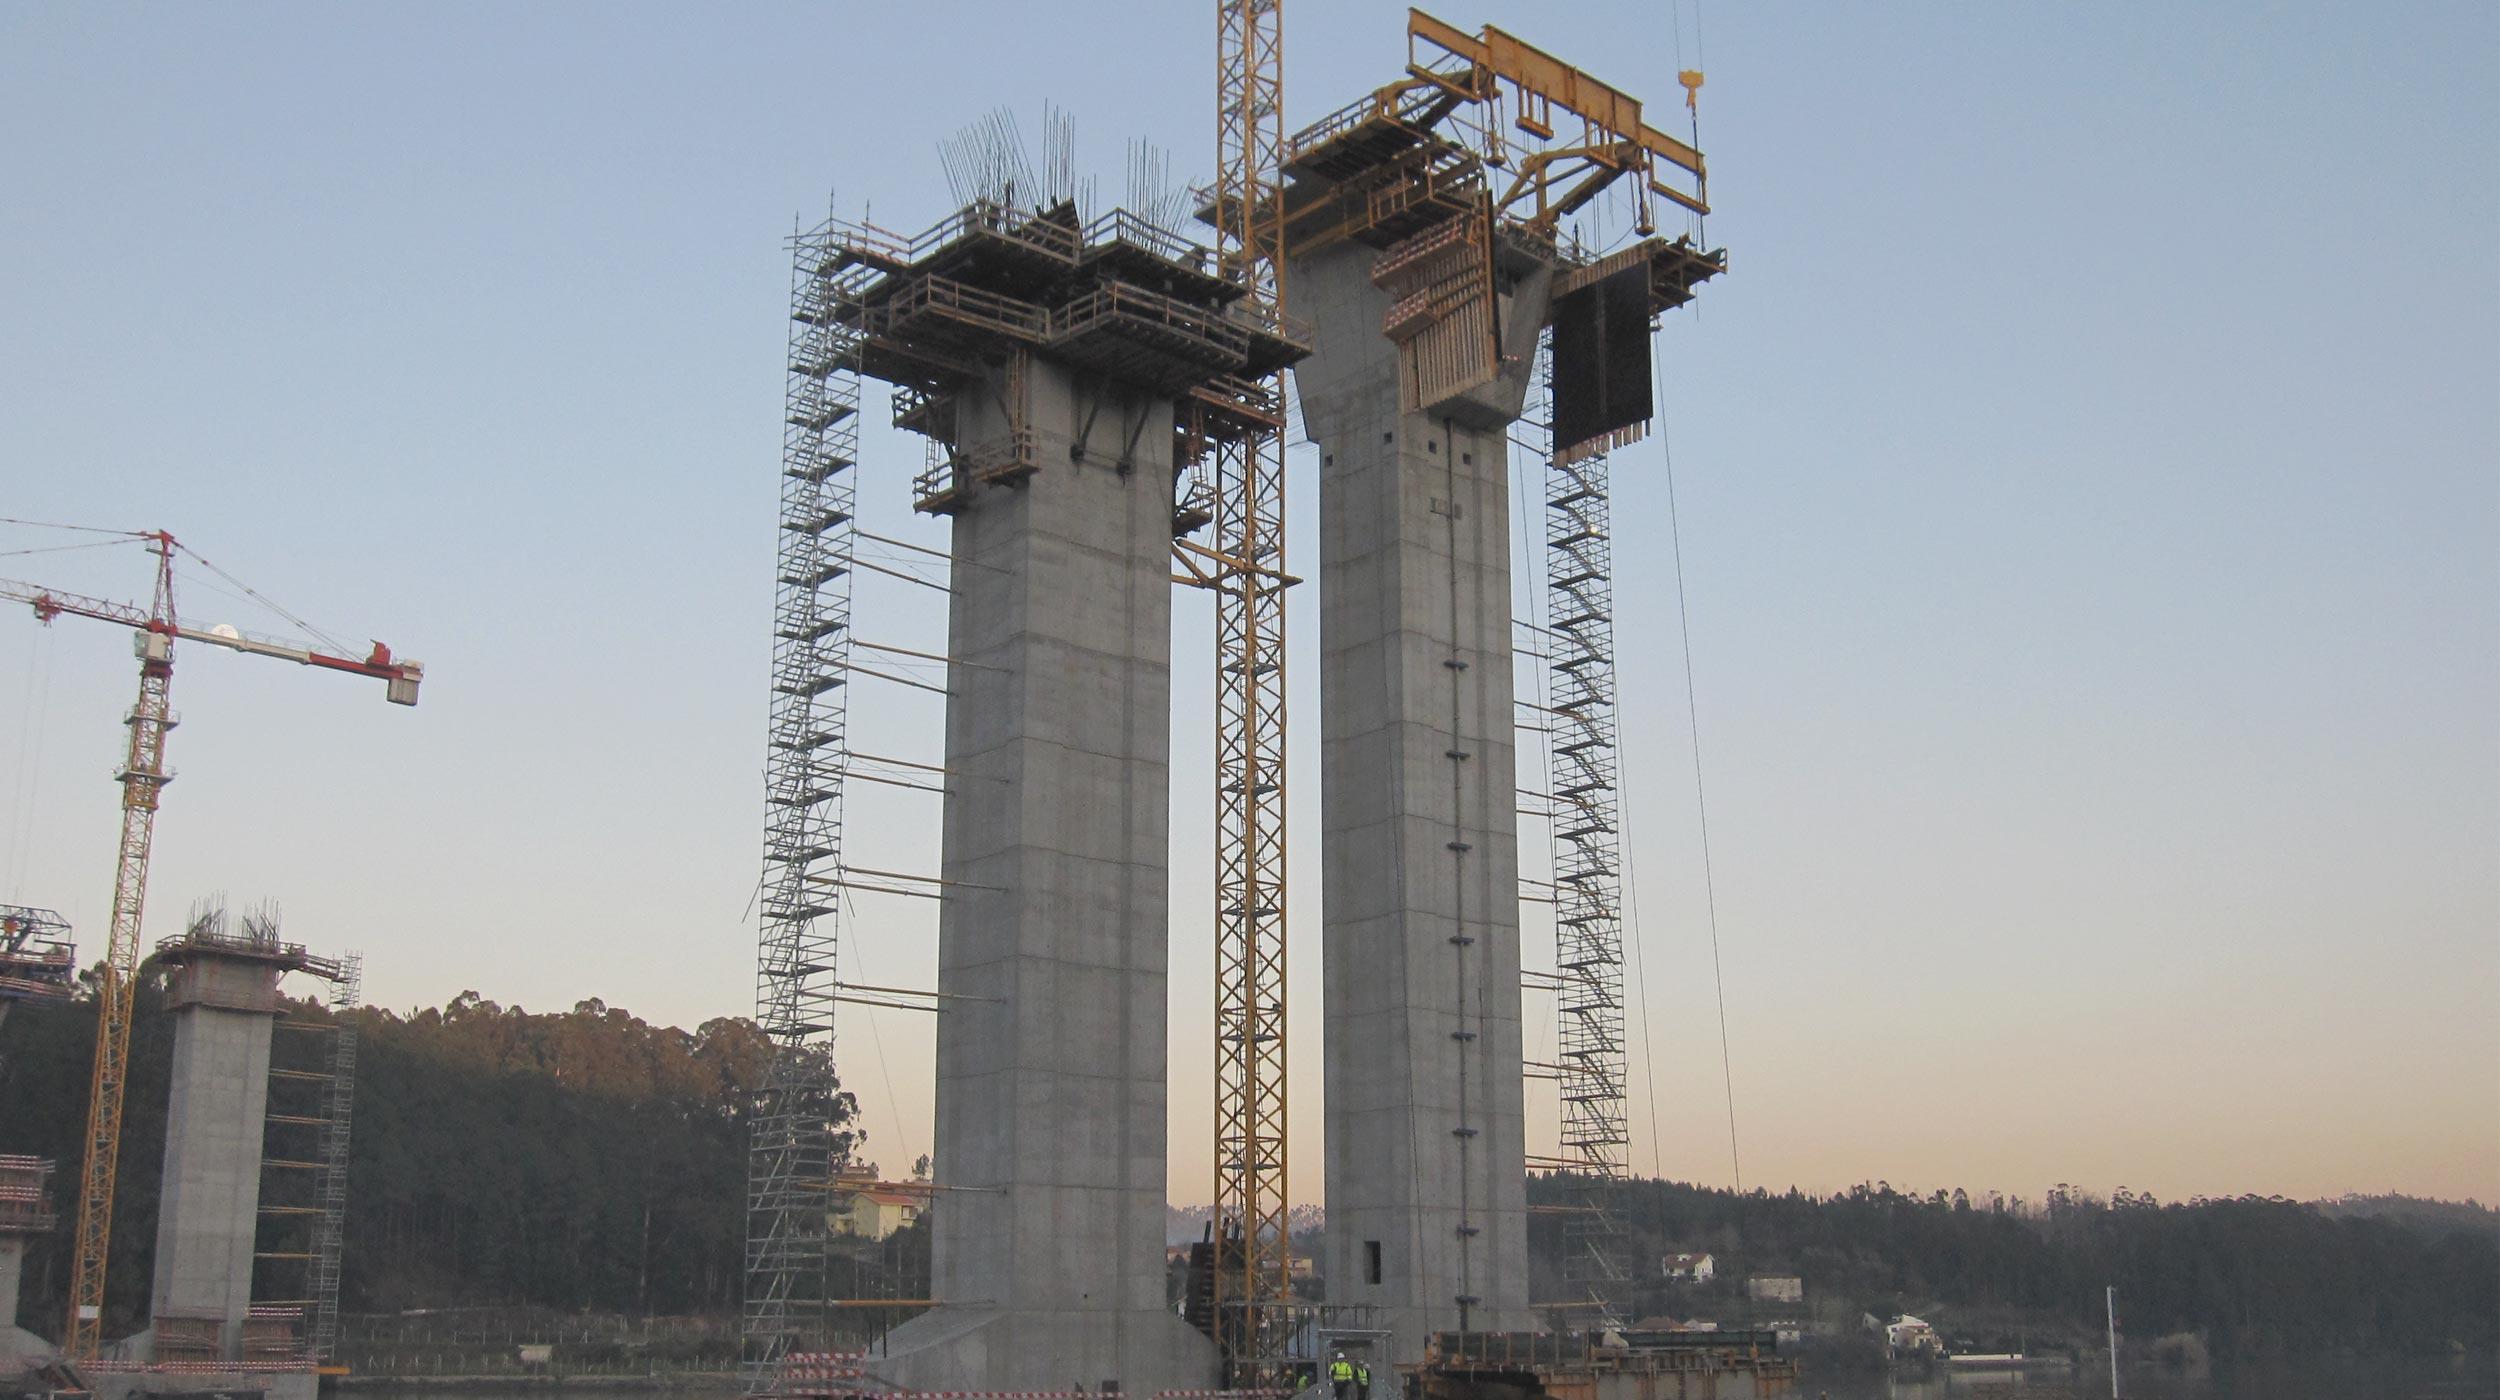 Esta obra designada nasua fase de construção por Douro Litoral, Serve populações dos Distritos de Aveiro e Porto, abrangendo vários Concelhos.